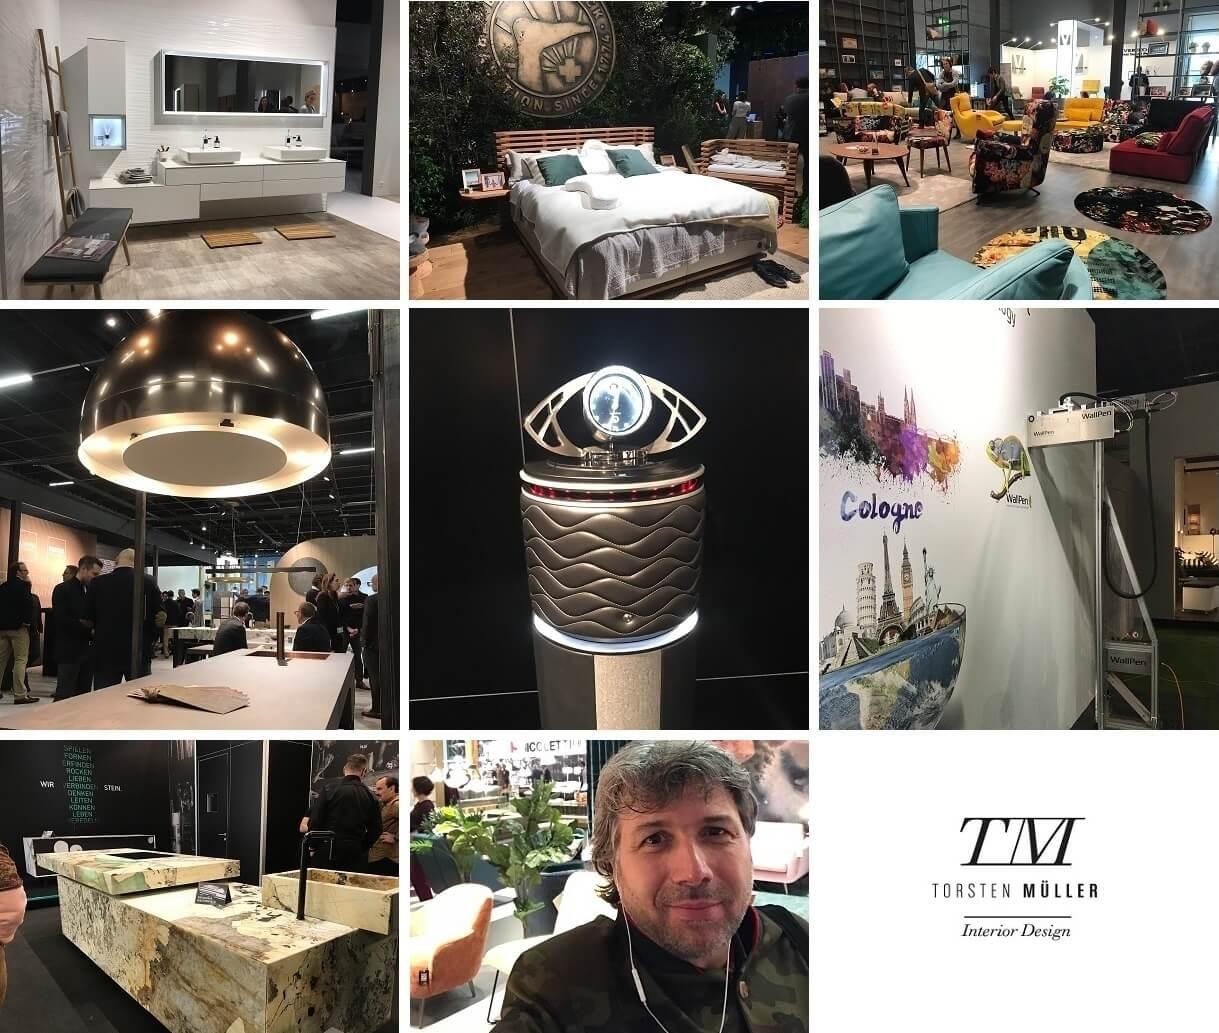 Der bekannte Trend-Scout und renommierte Bad-, Spa- und Interior-Designer Torsten Müller war am ersten Messetag für einen Trendcheck der neuen Interior-Designs in Köln vor Ort und hat folgende Highlights entdeckt.